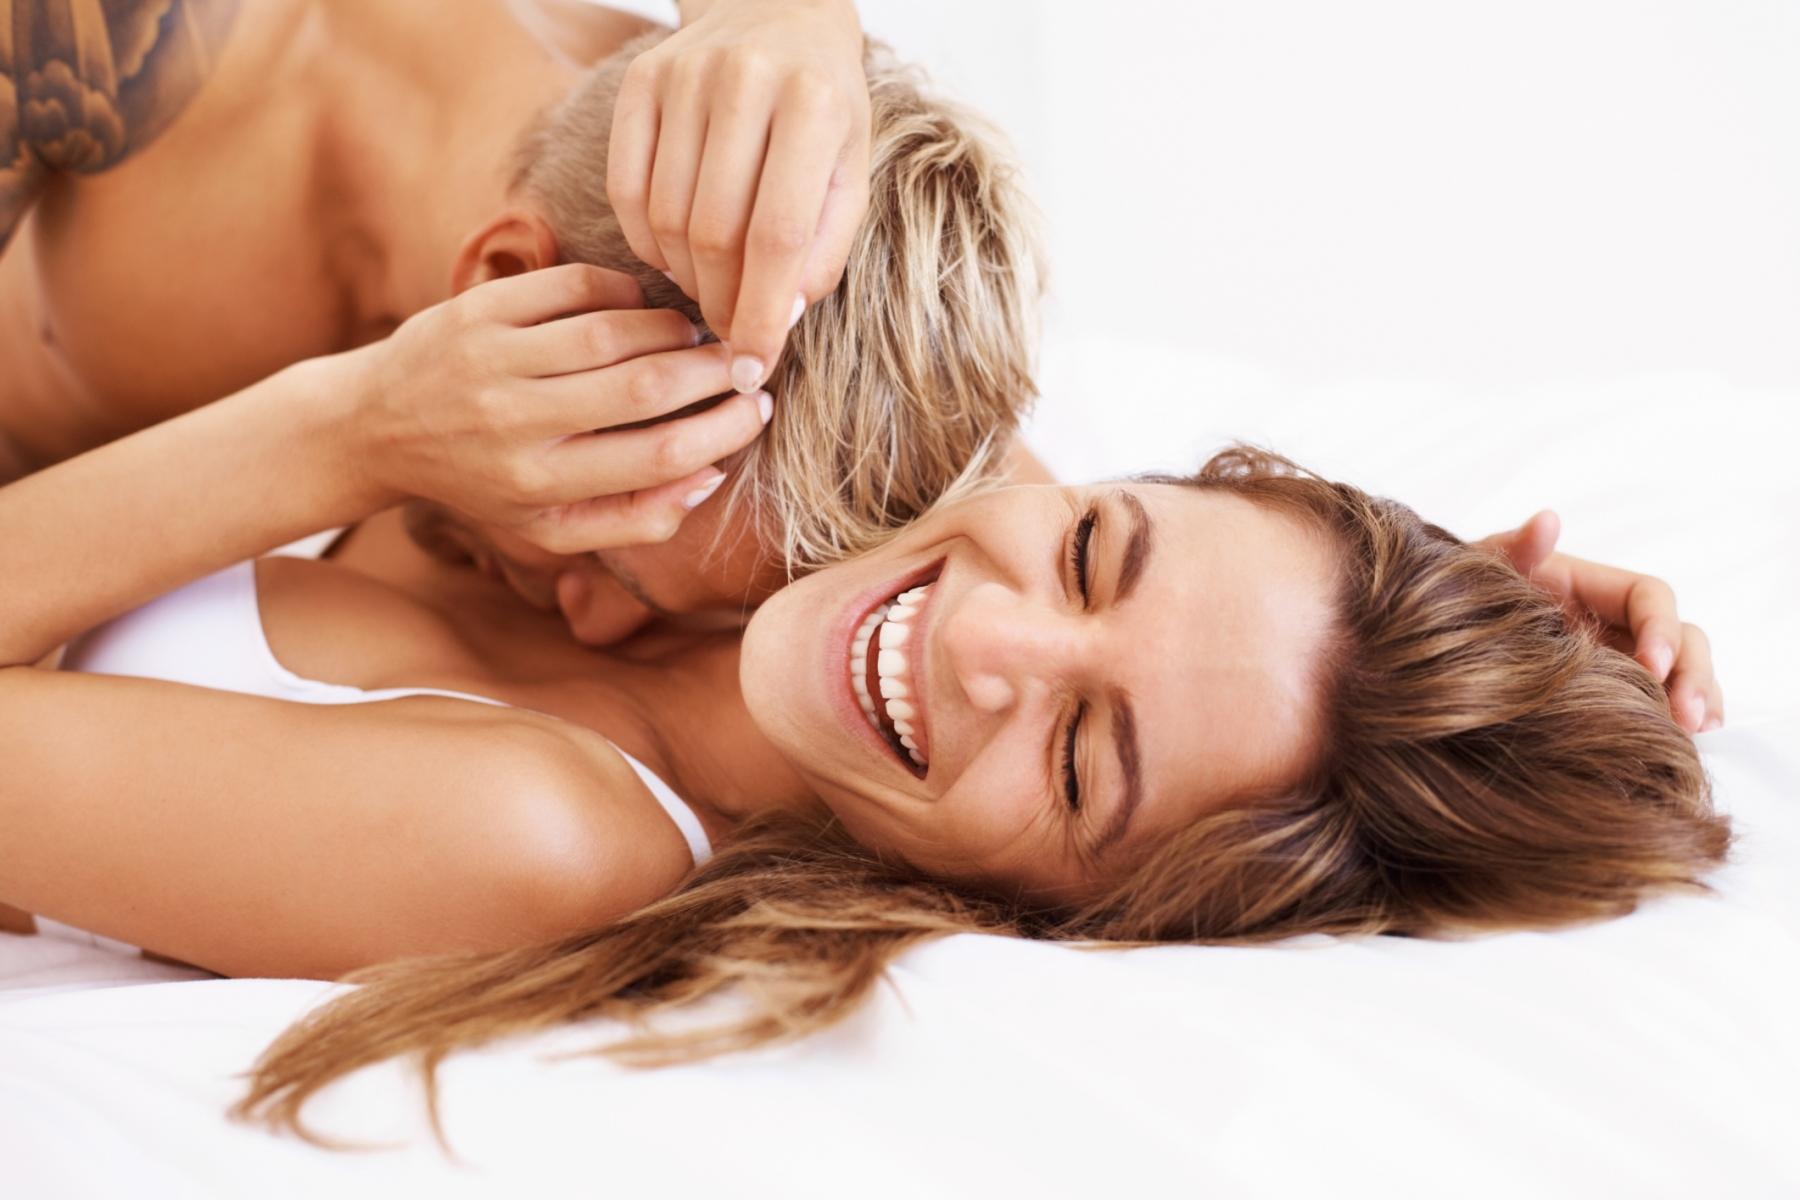 Las preguntas más frecuentes sobre sexo en parejas